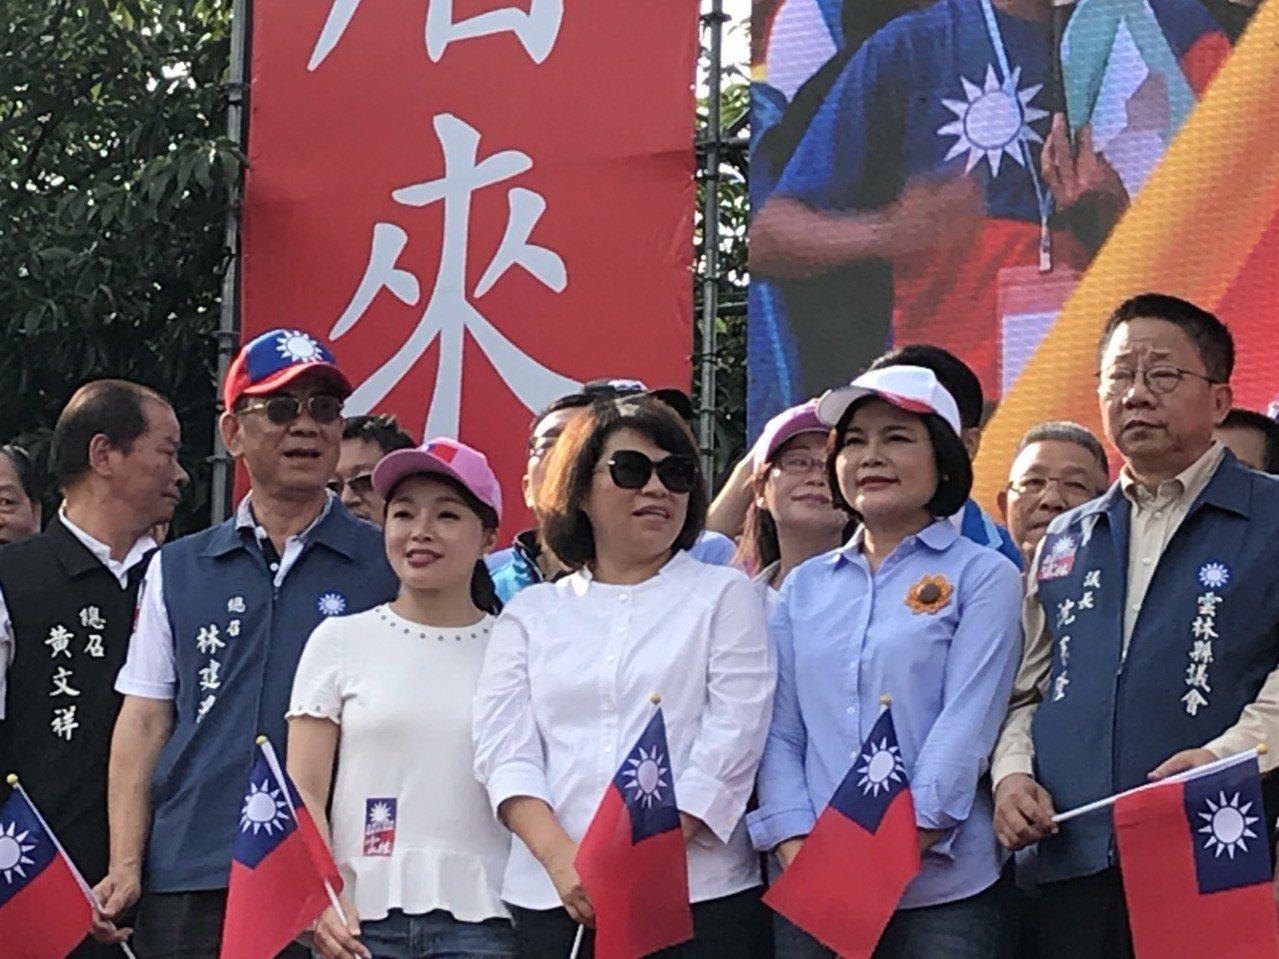 韓國瑜雲林造勢活動,泛藍力量展現團結氣勢。記者姜宜菁/攝影